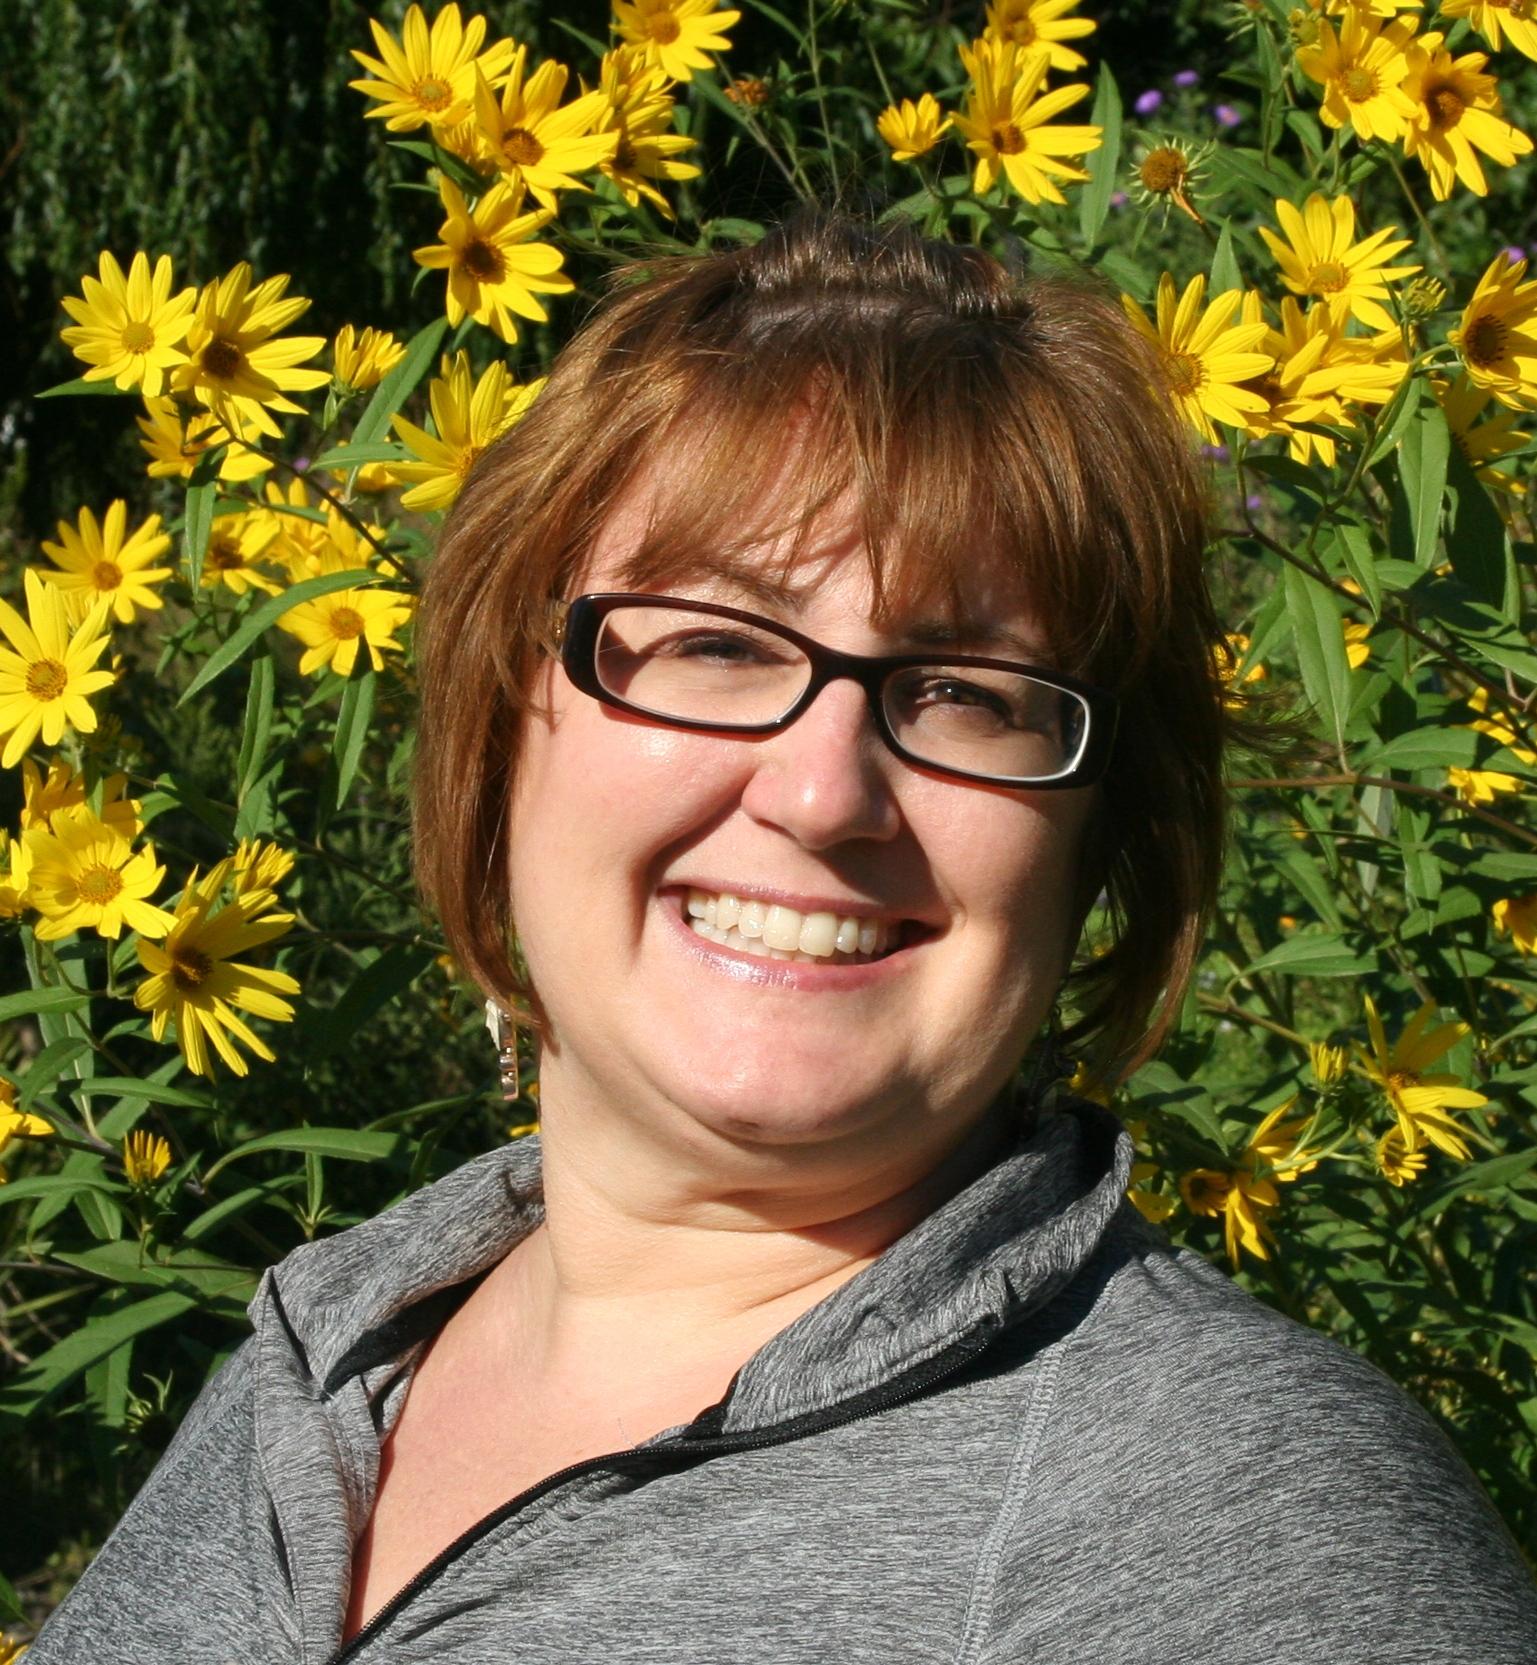 Michelle Beuscher